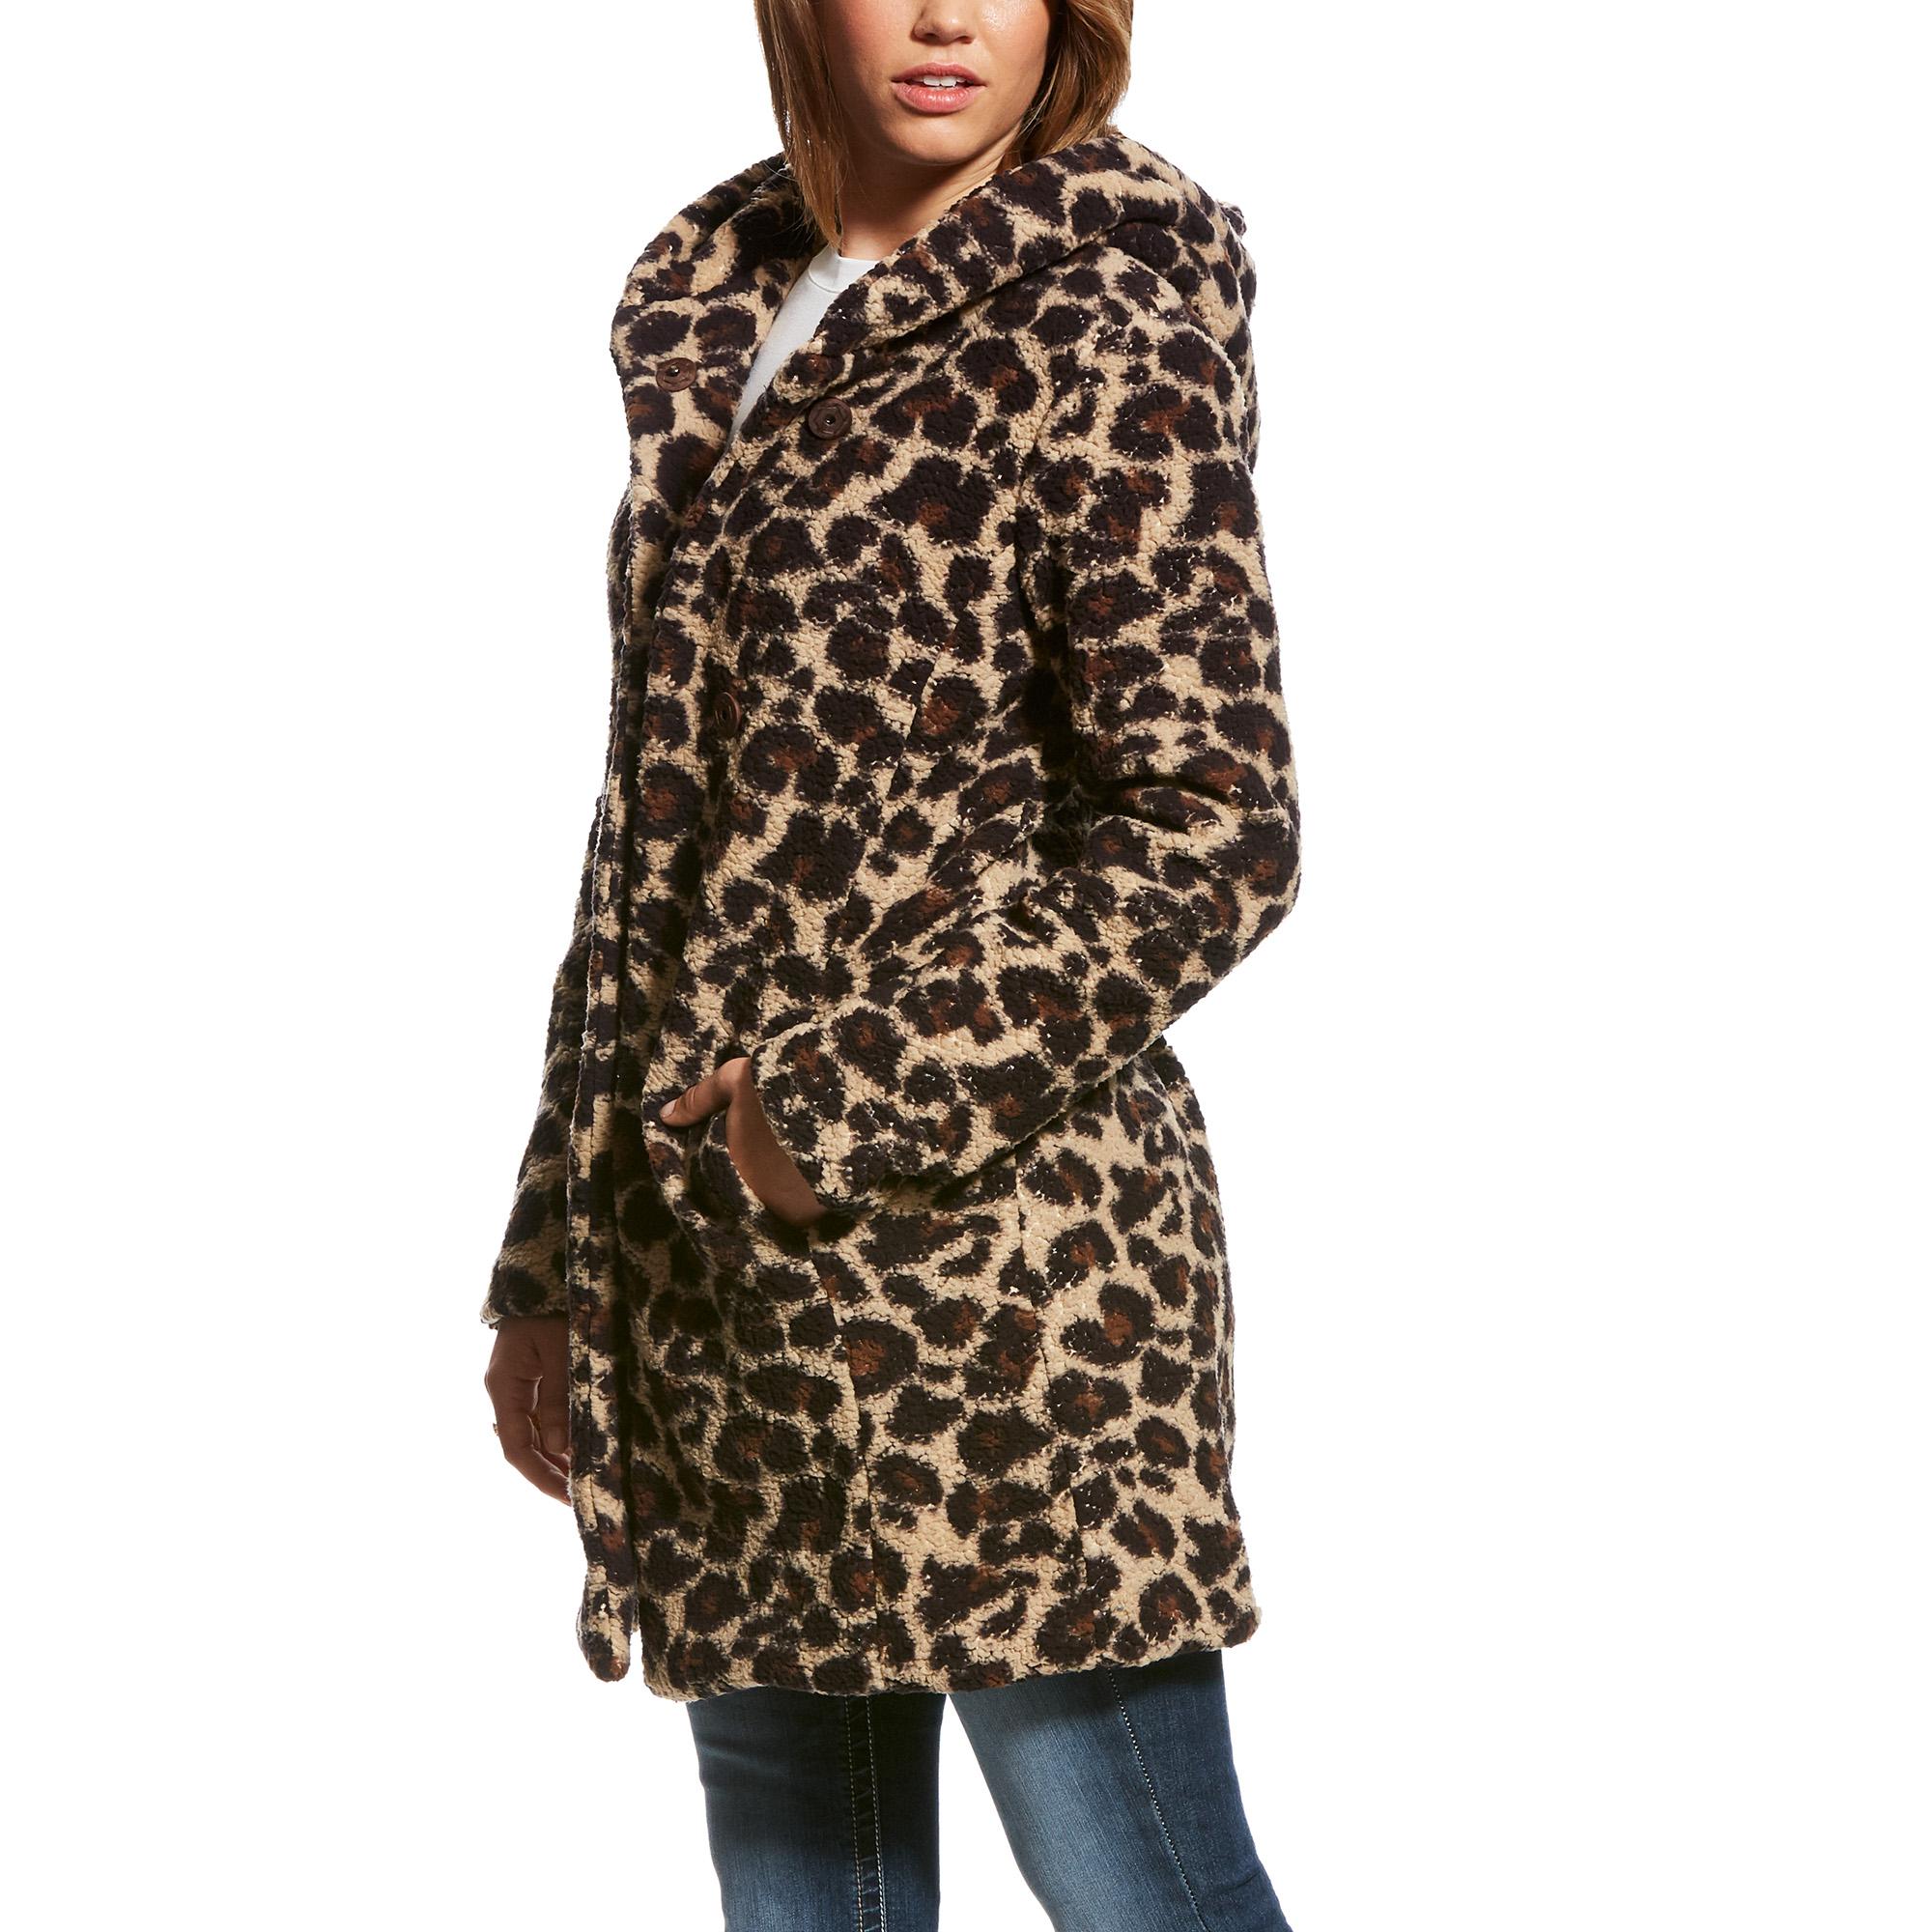 Megan Leopard Fleece Jacket from Ariat